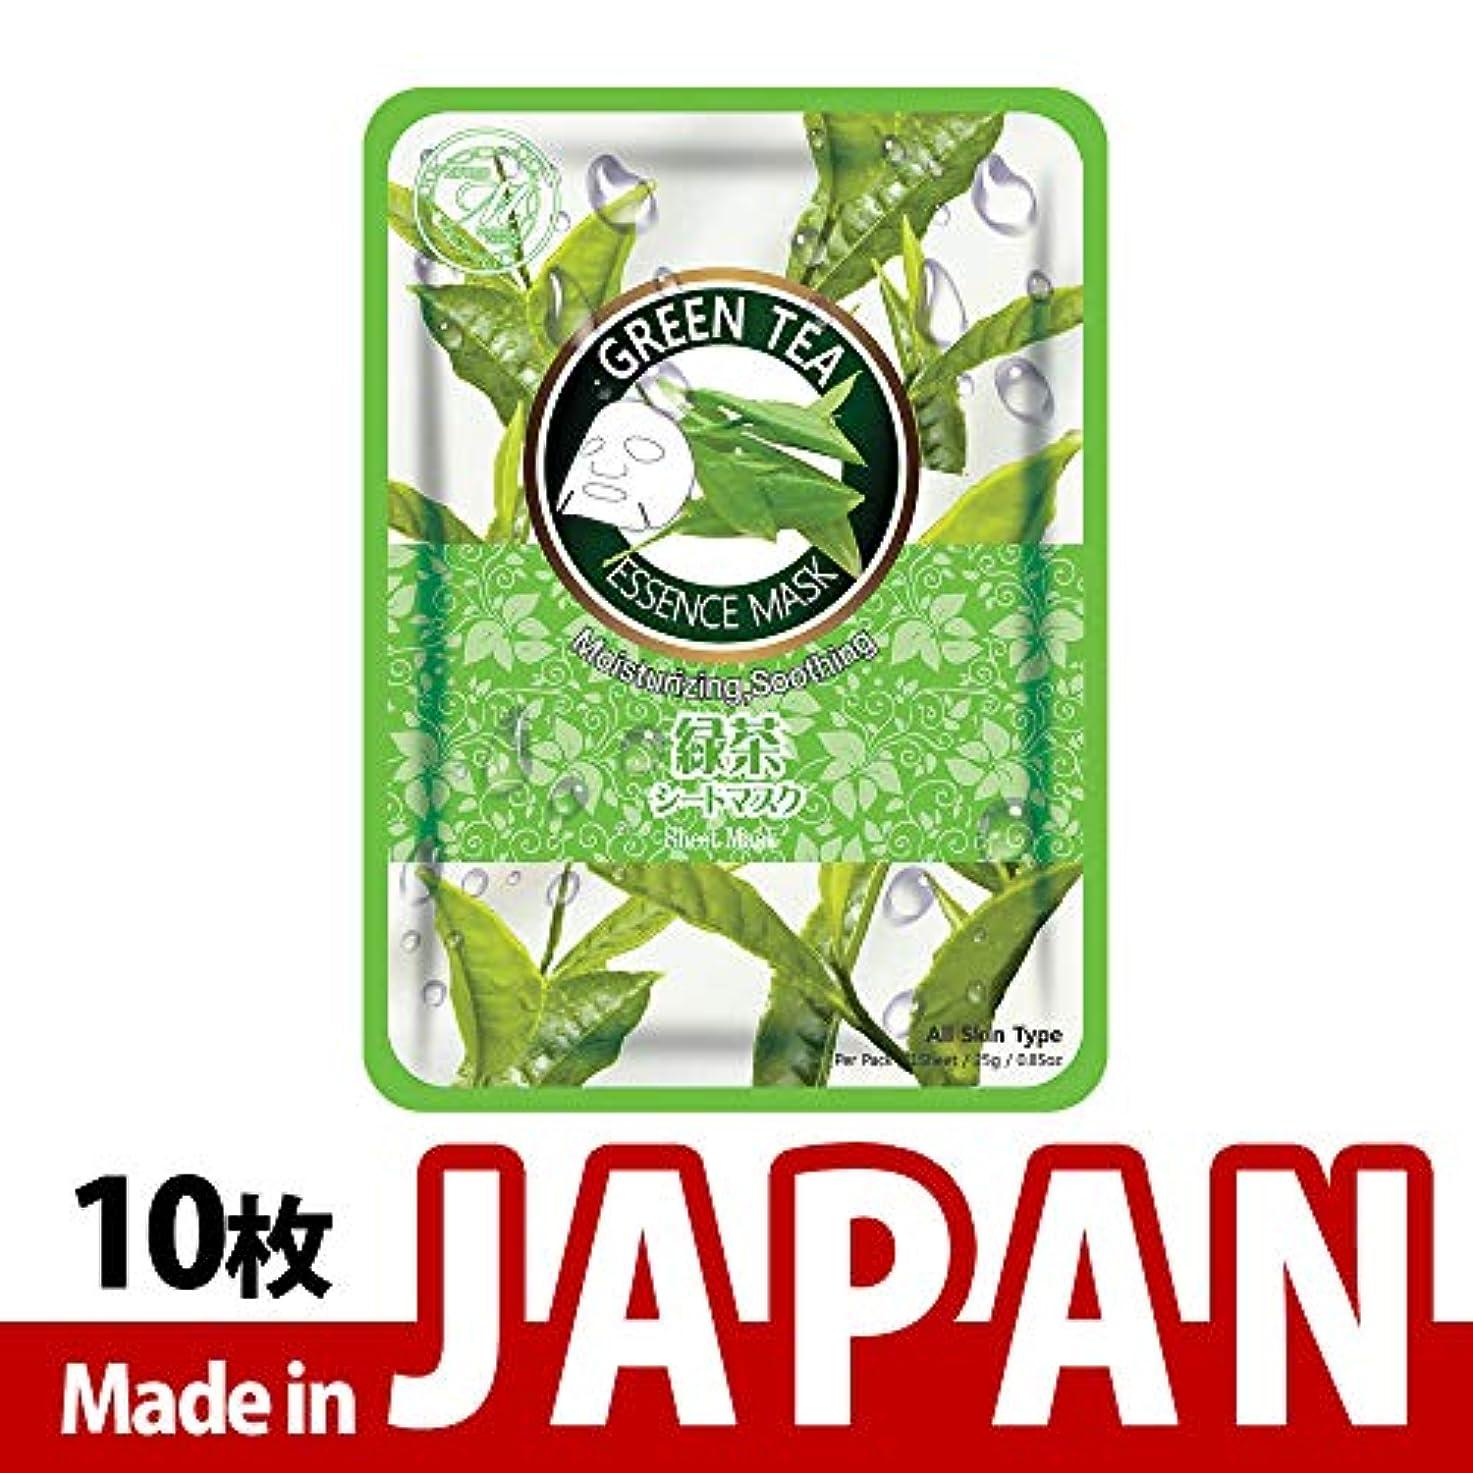 大腿すり背が高い【MT612-A-0】MITOMO日本製 緑茶 生気/皮膚活力 シートマスク/10枚入り/10枚/美容液/マスクパック/送料無料